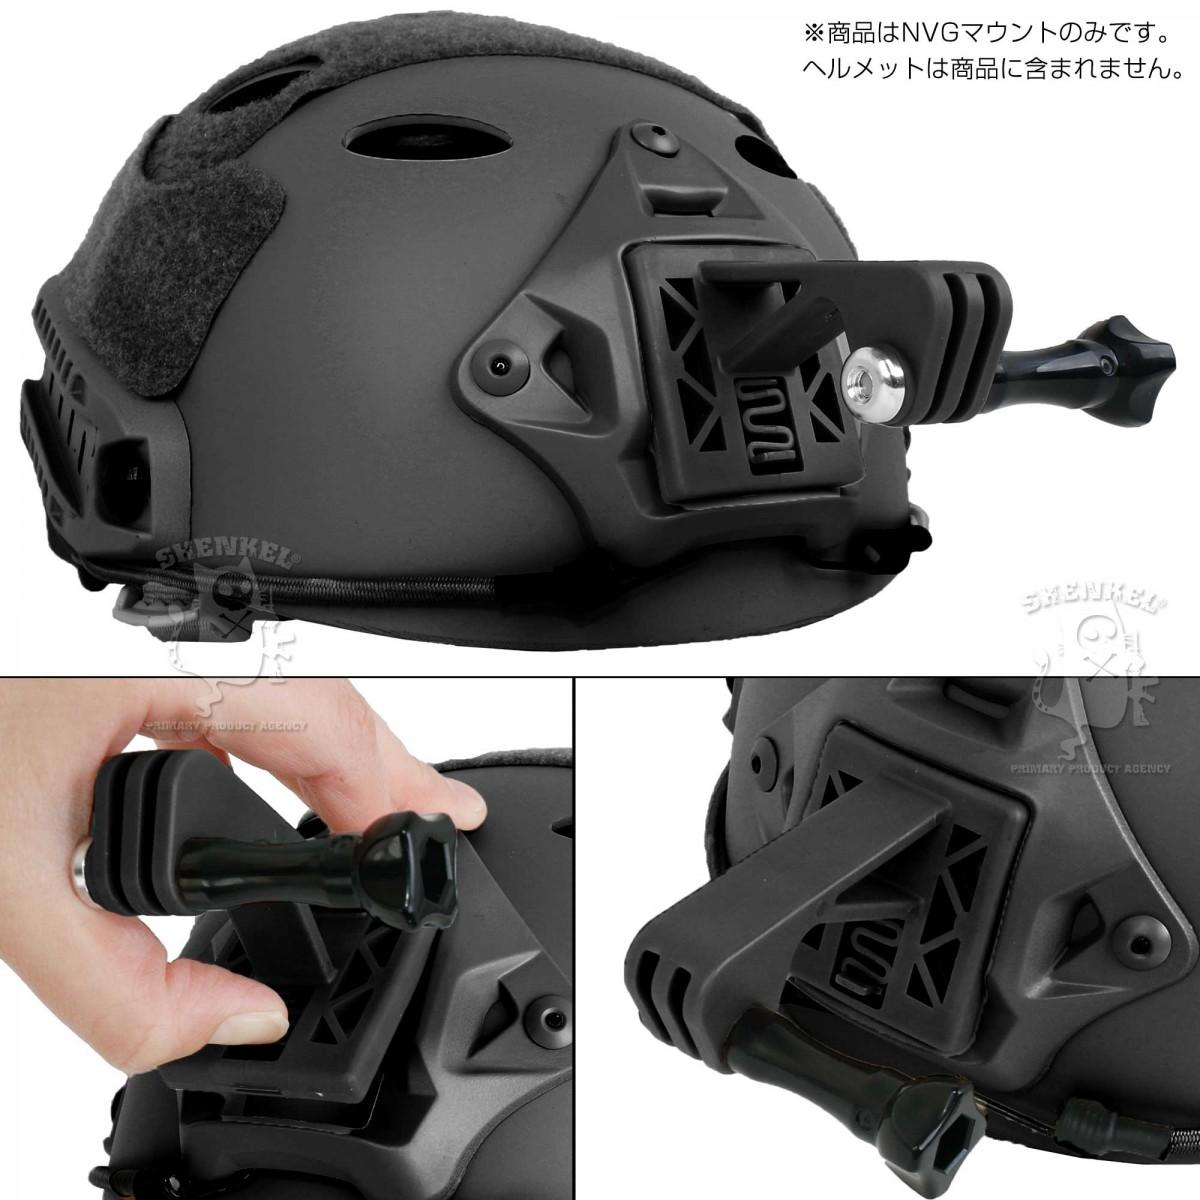 SHENKEL GoPro NVGマウント ウェアラブルカメラ用アクセサリ FASTヘルメット対応 (BK ブラック/TAN タン) ナイトビジョンマウント サバゲー装備 サバイバルゲーム